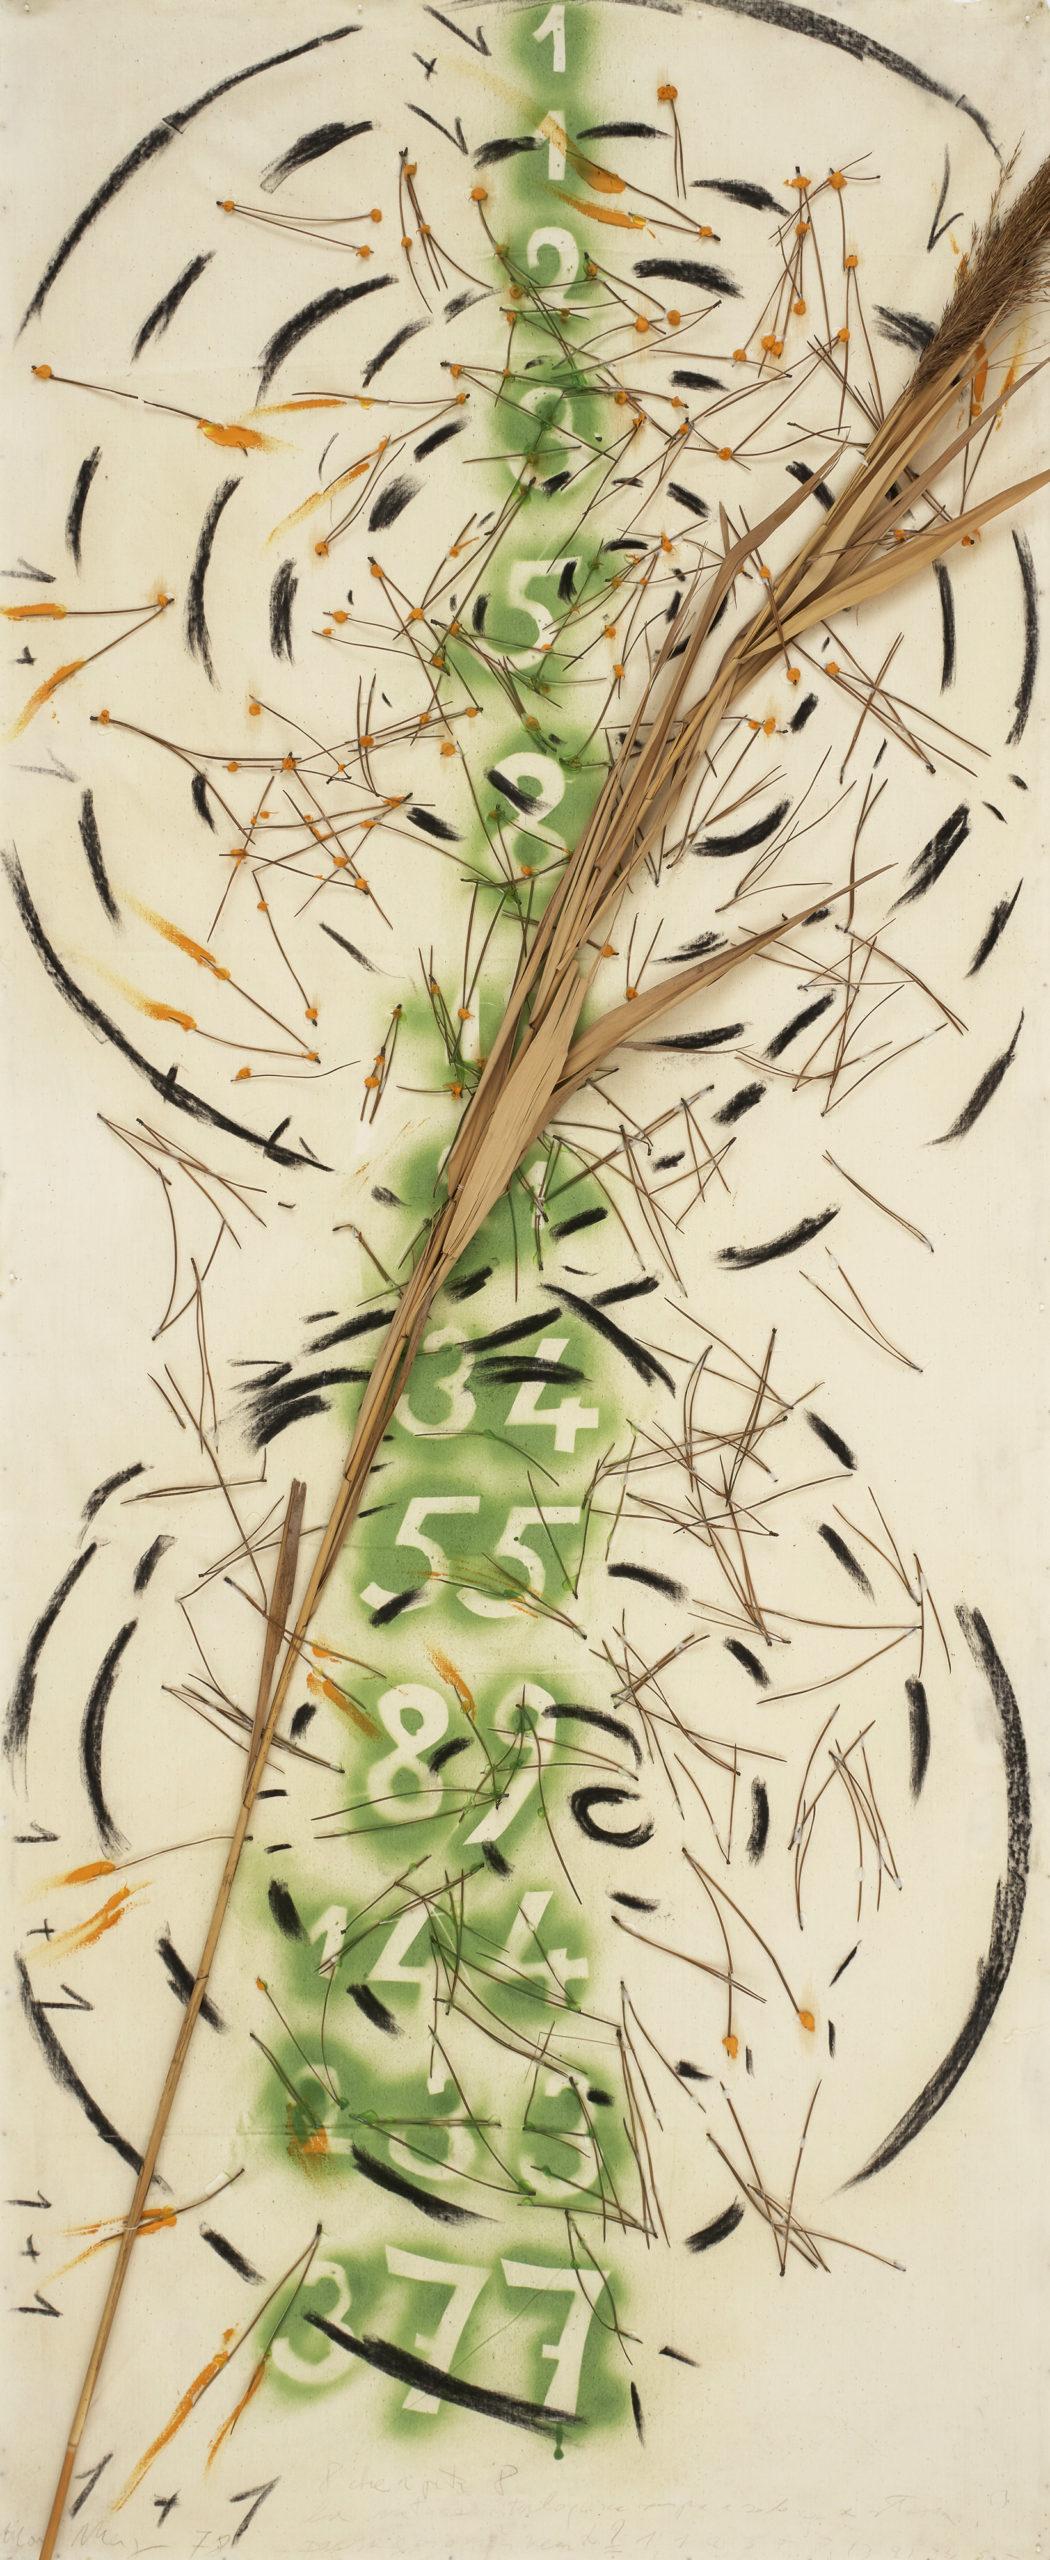 Mario Merz , 8 che riporta 8 – La natura interloquisce sempre e solo con se stessa ? Paesaggio con vento – Fibonacci, 1978